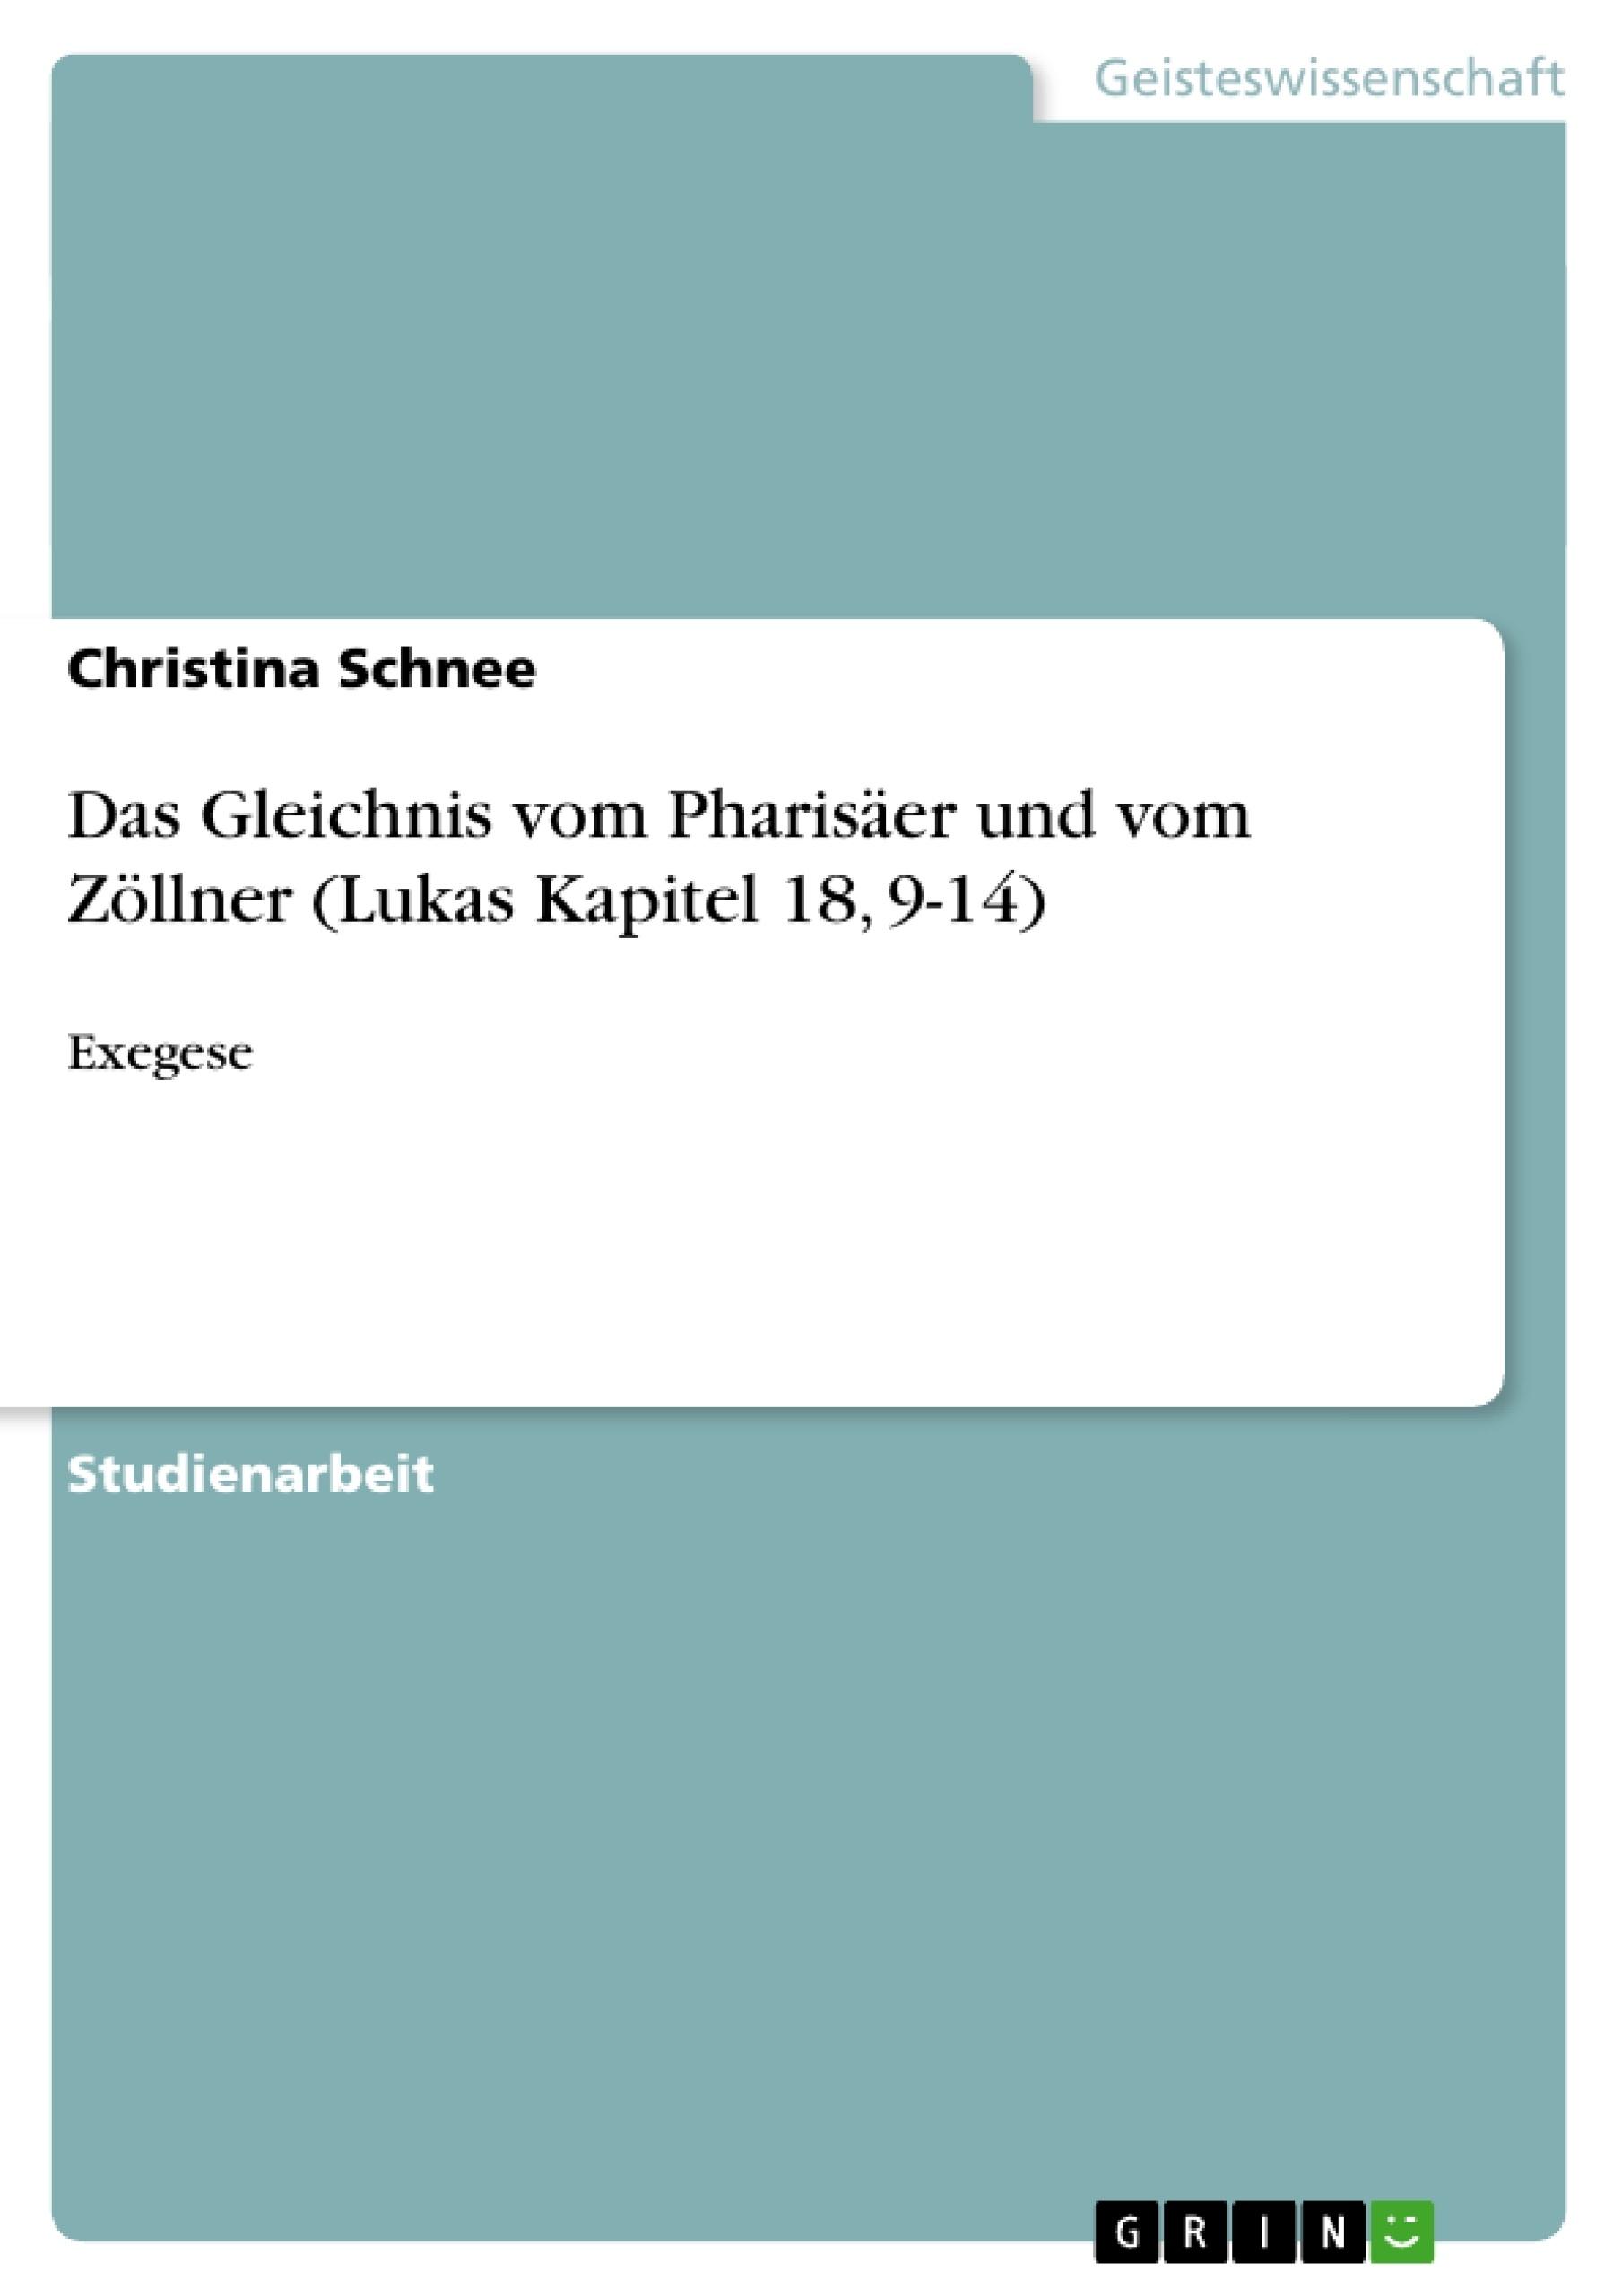 Titel: Das Gleichnis vom Pharisäer und vom Zöllner (Lukas Kapitel 18, 9-14)